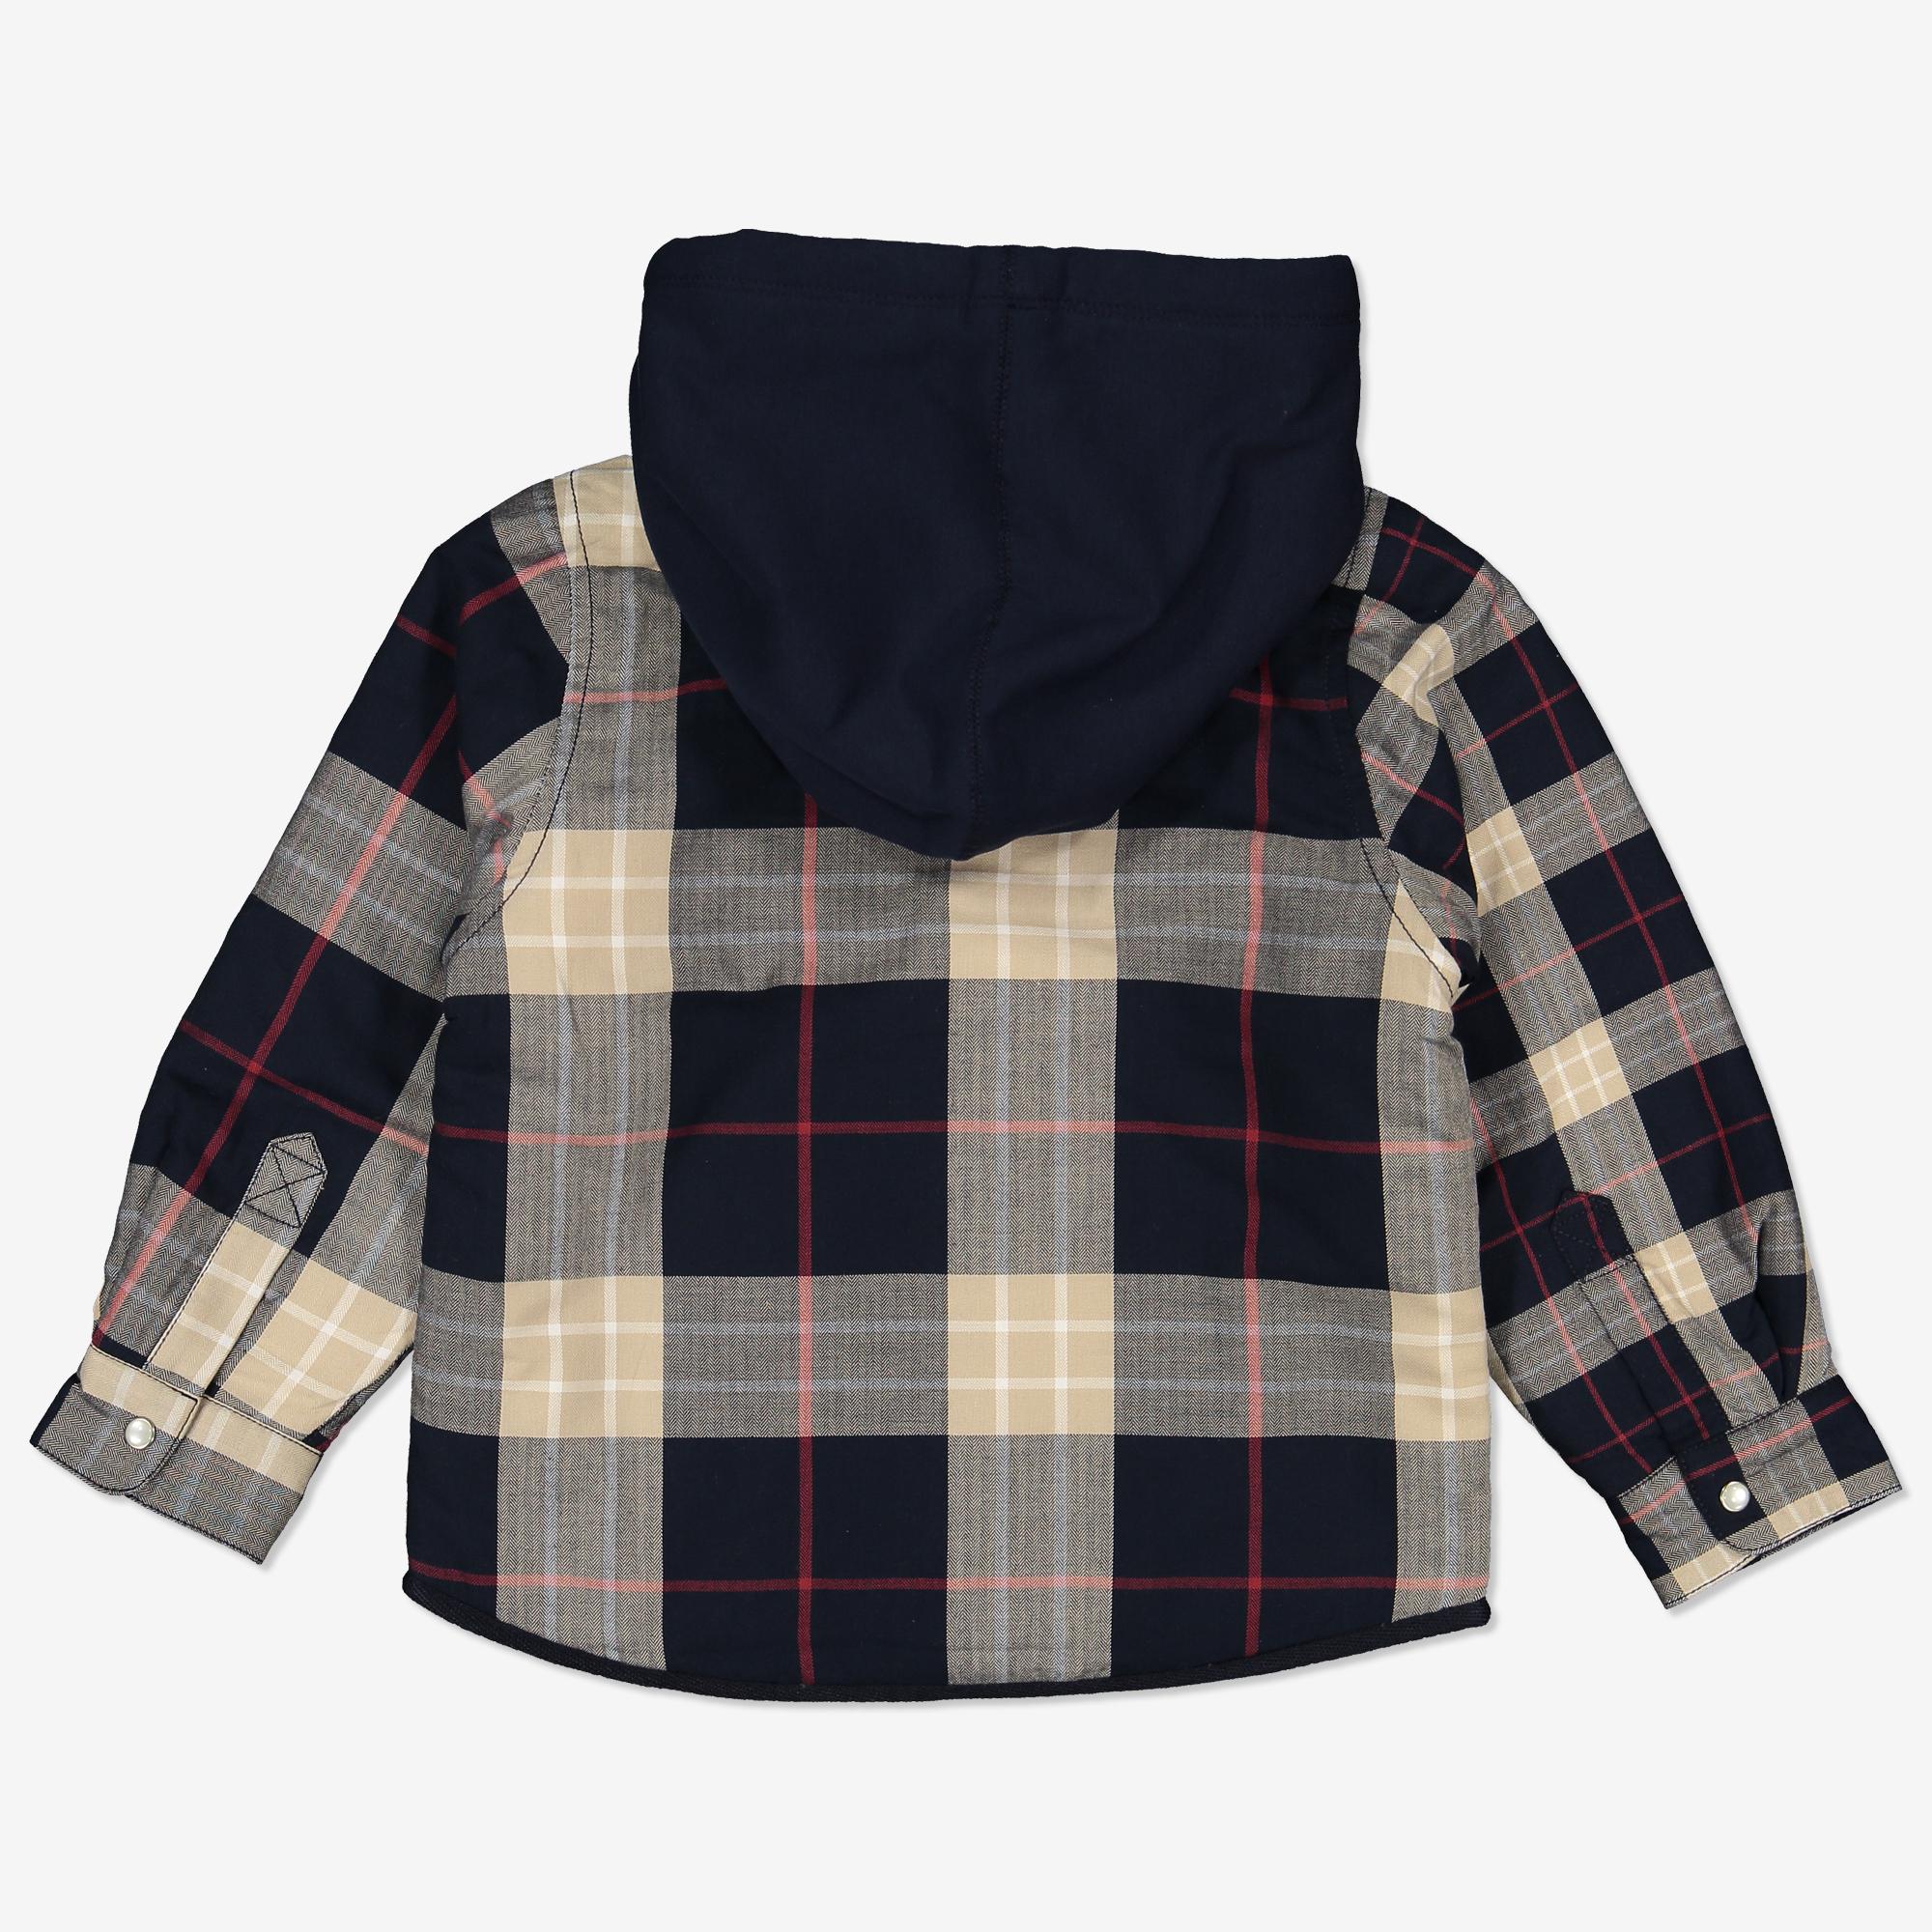 Rutet skjorte med hette mørkblå | Polarnopyret.no